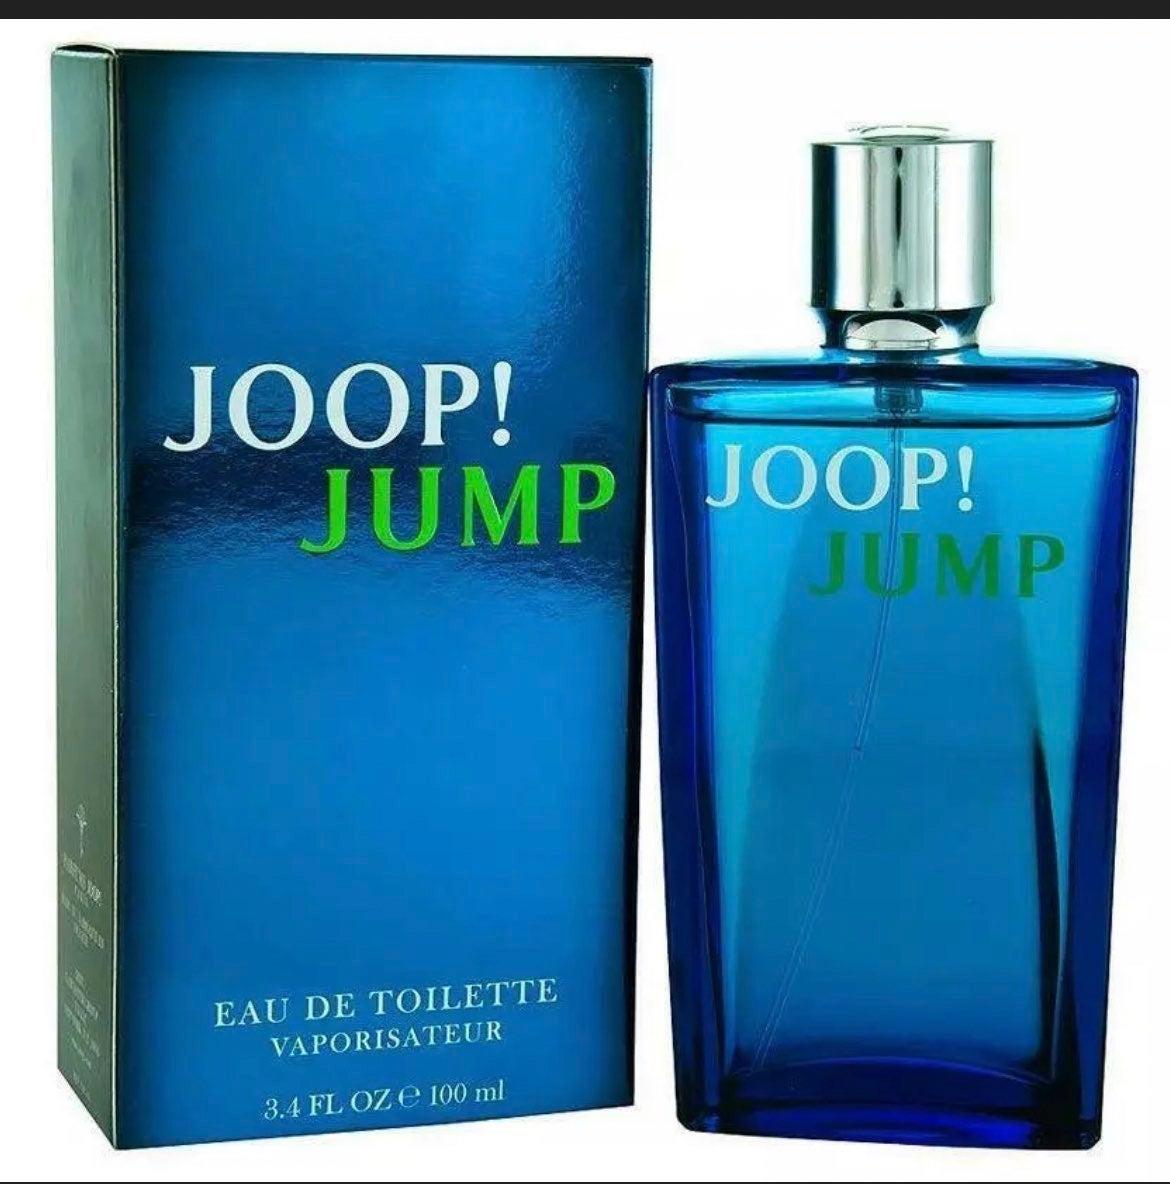 Joop jump by joop 3.4oz